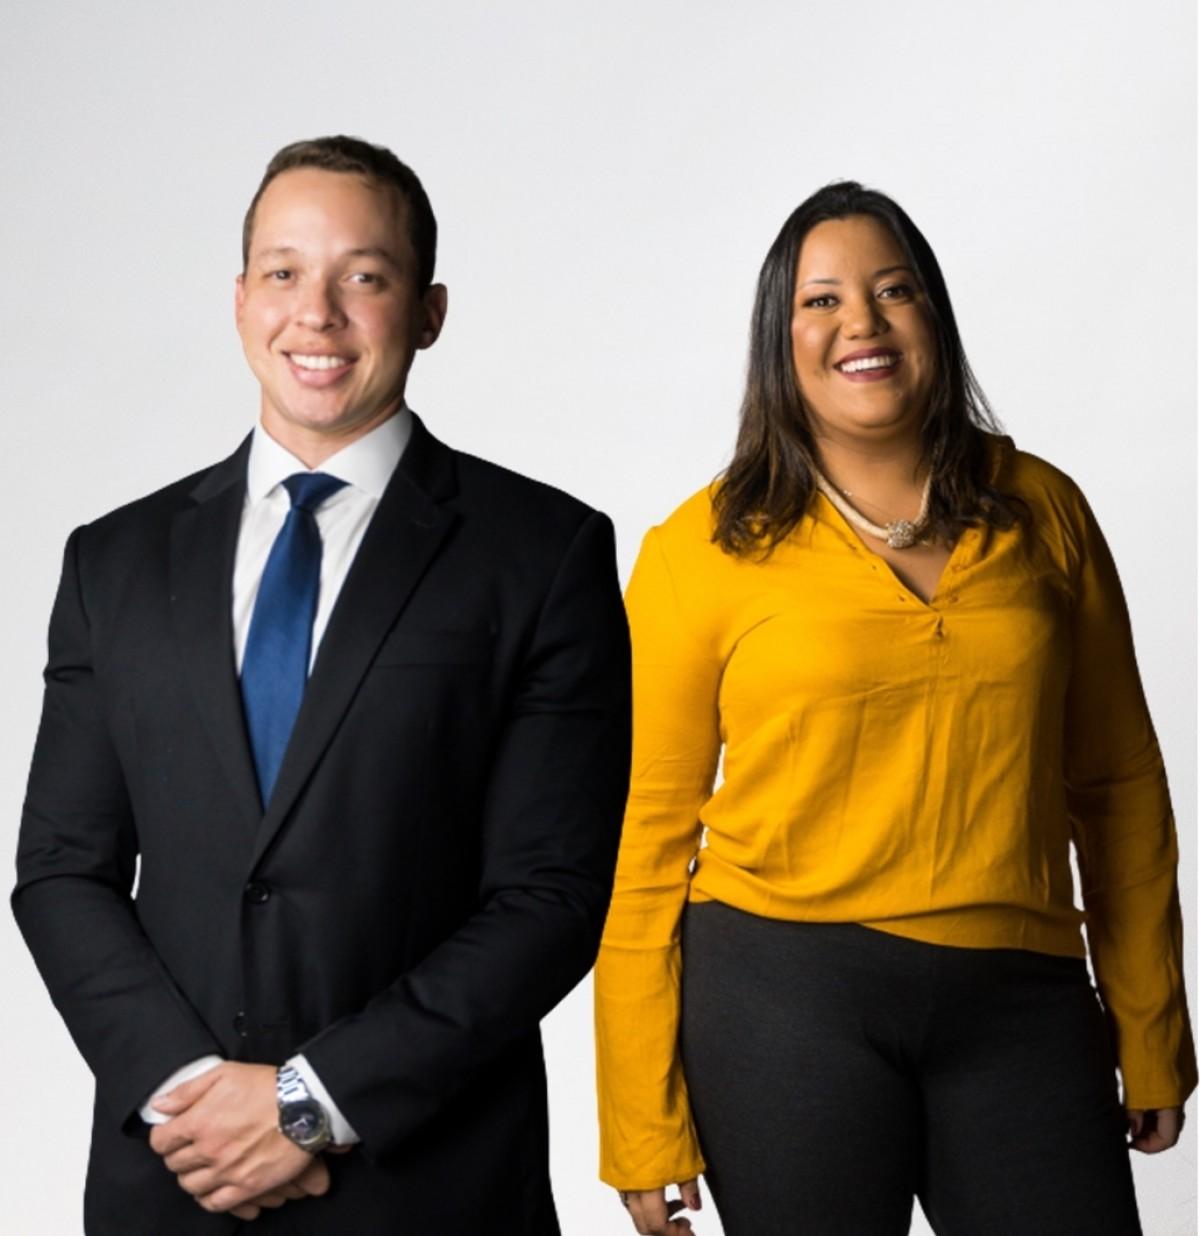 Dr. Andress Amadeus e Dra. Lorena Dayse (Foto: Rodrigo Alves)